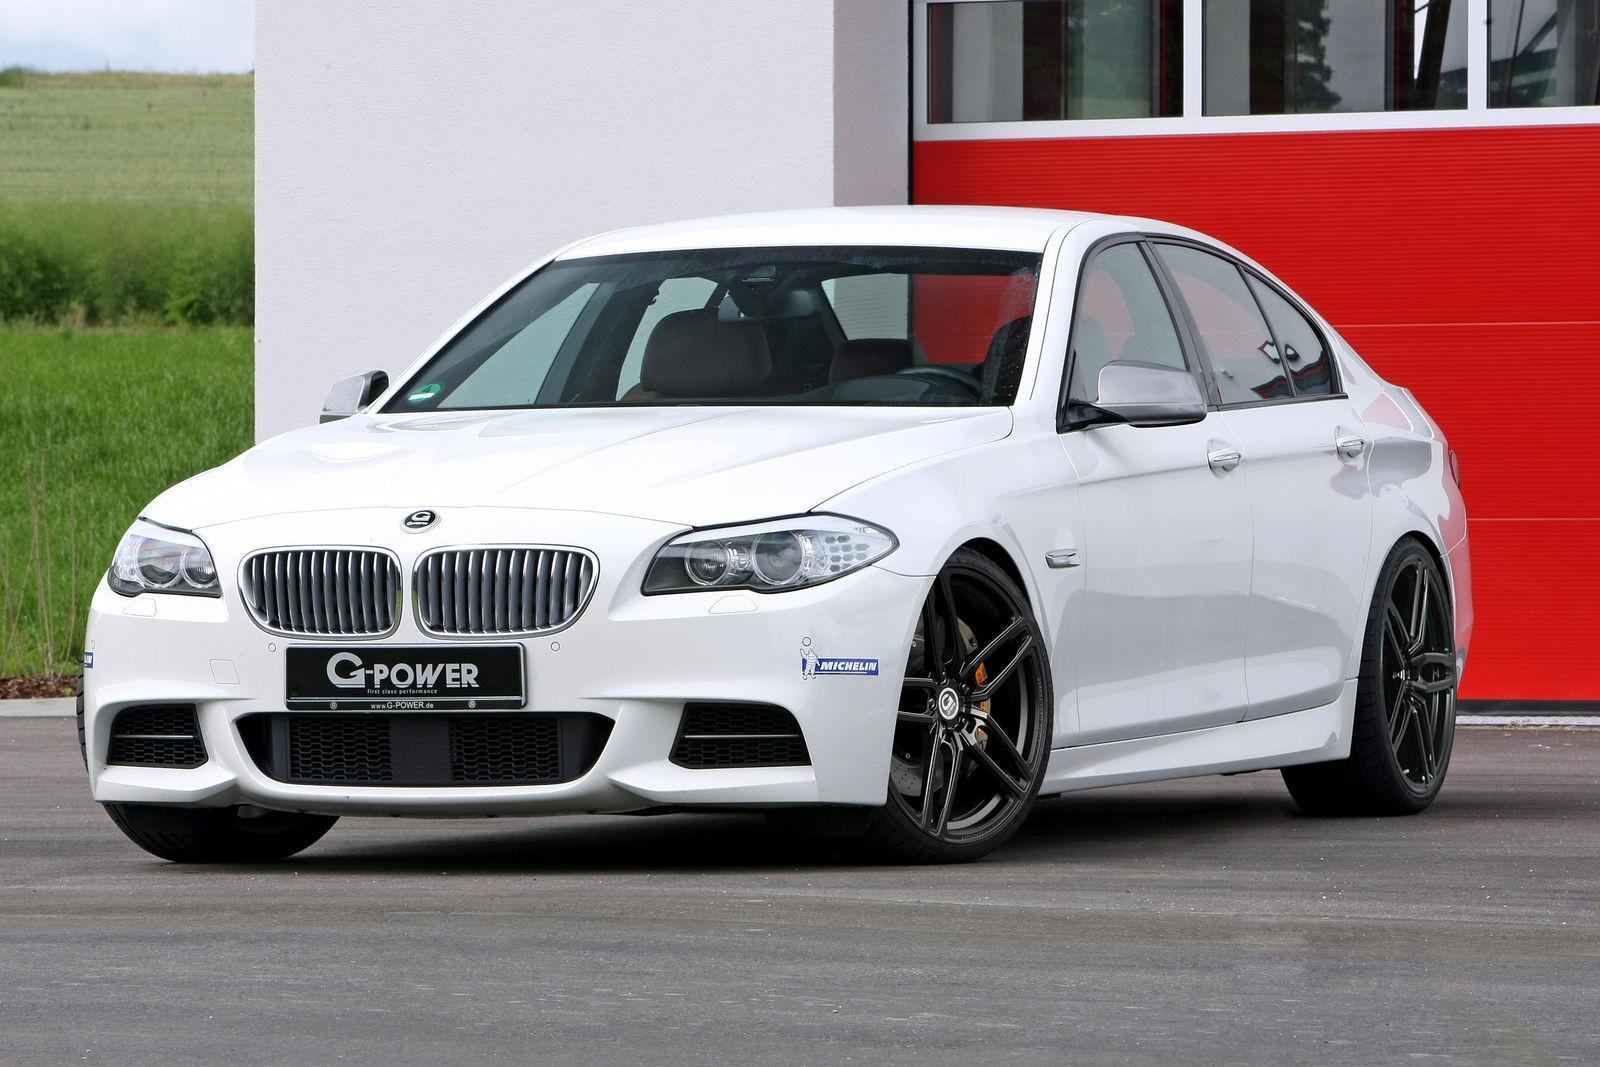 Foto de G-Power BMW M550d xDrive (1/7)